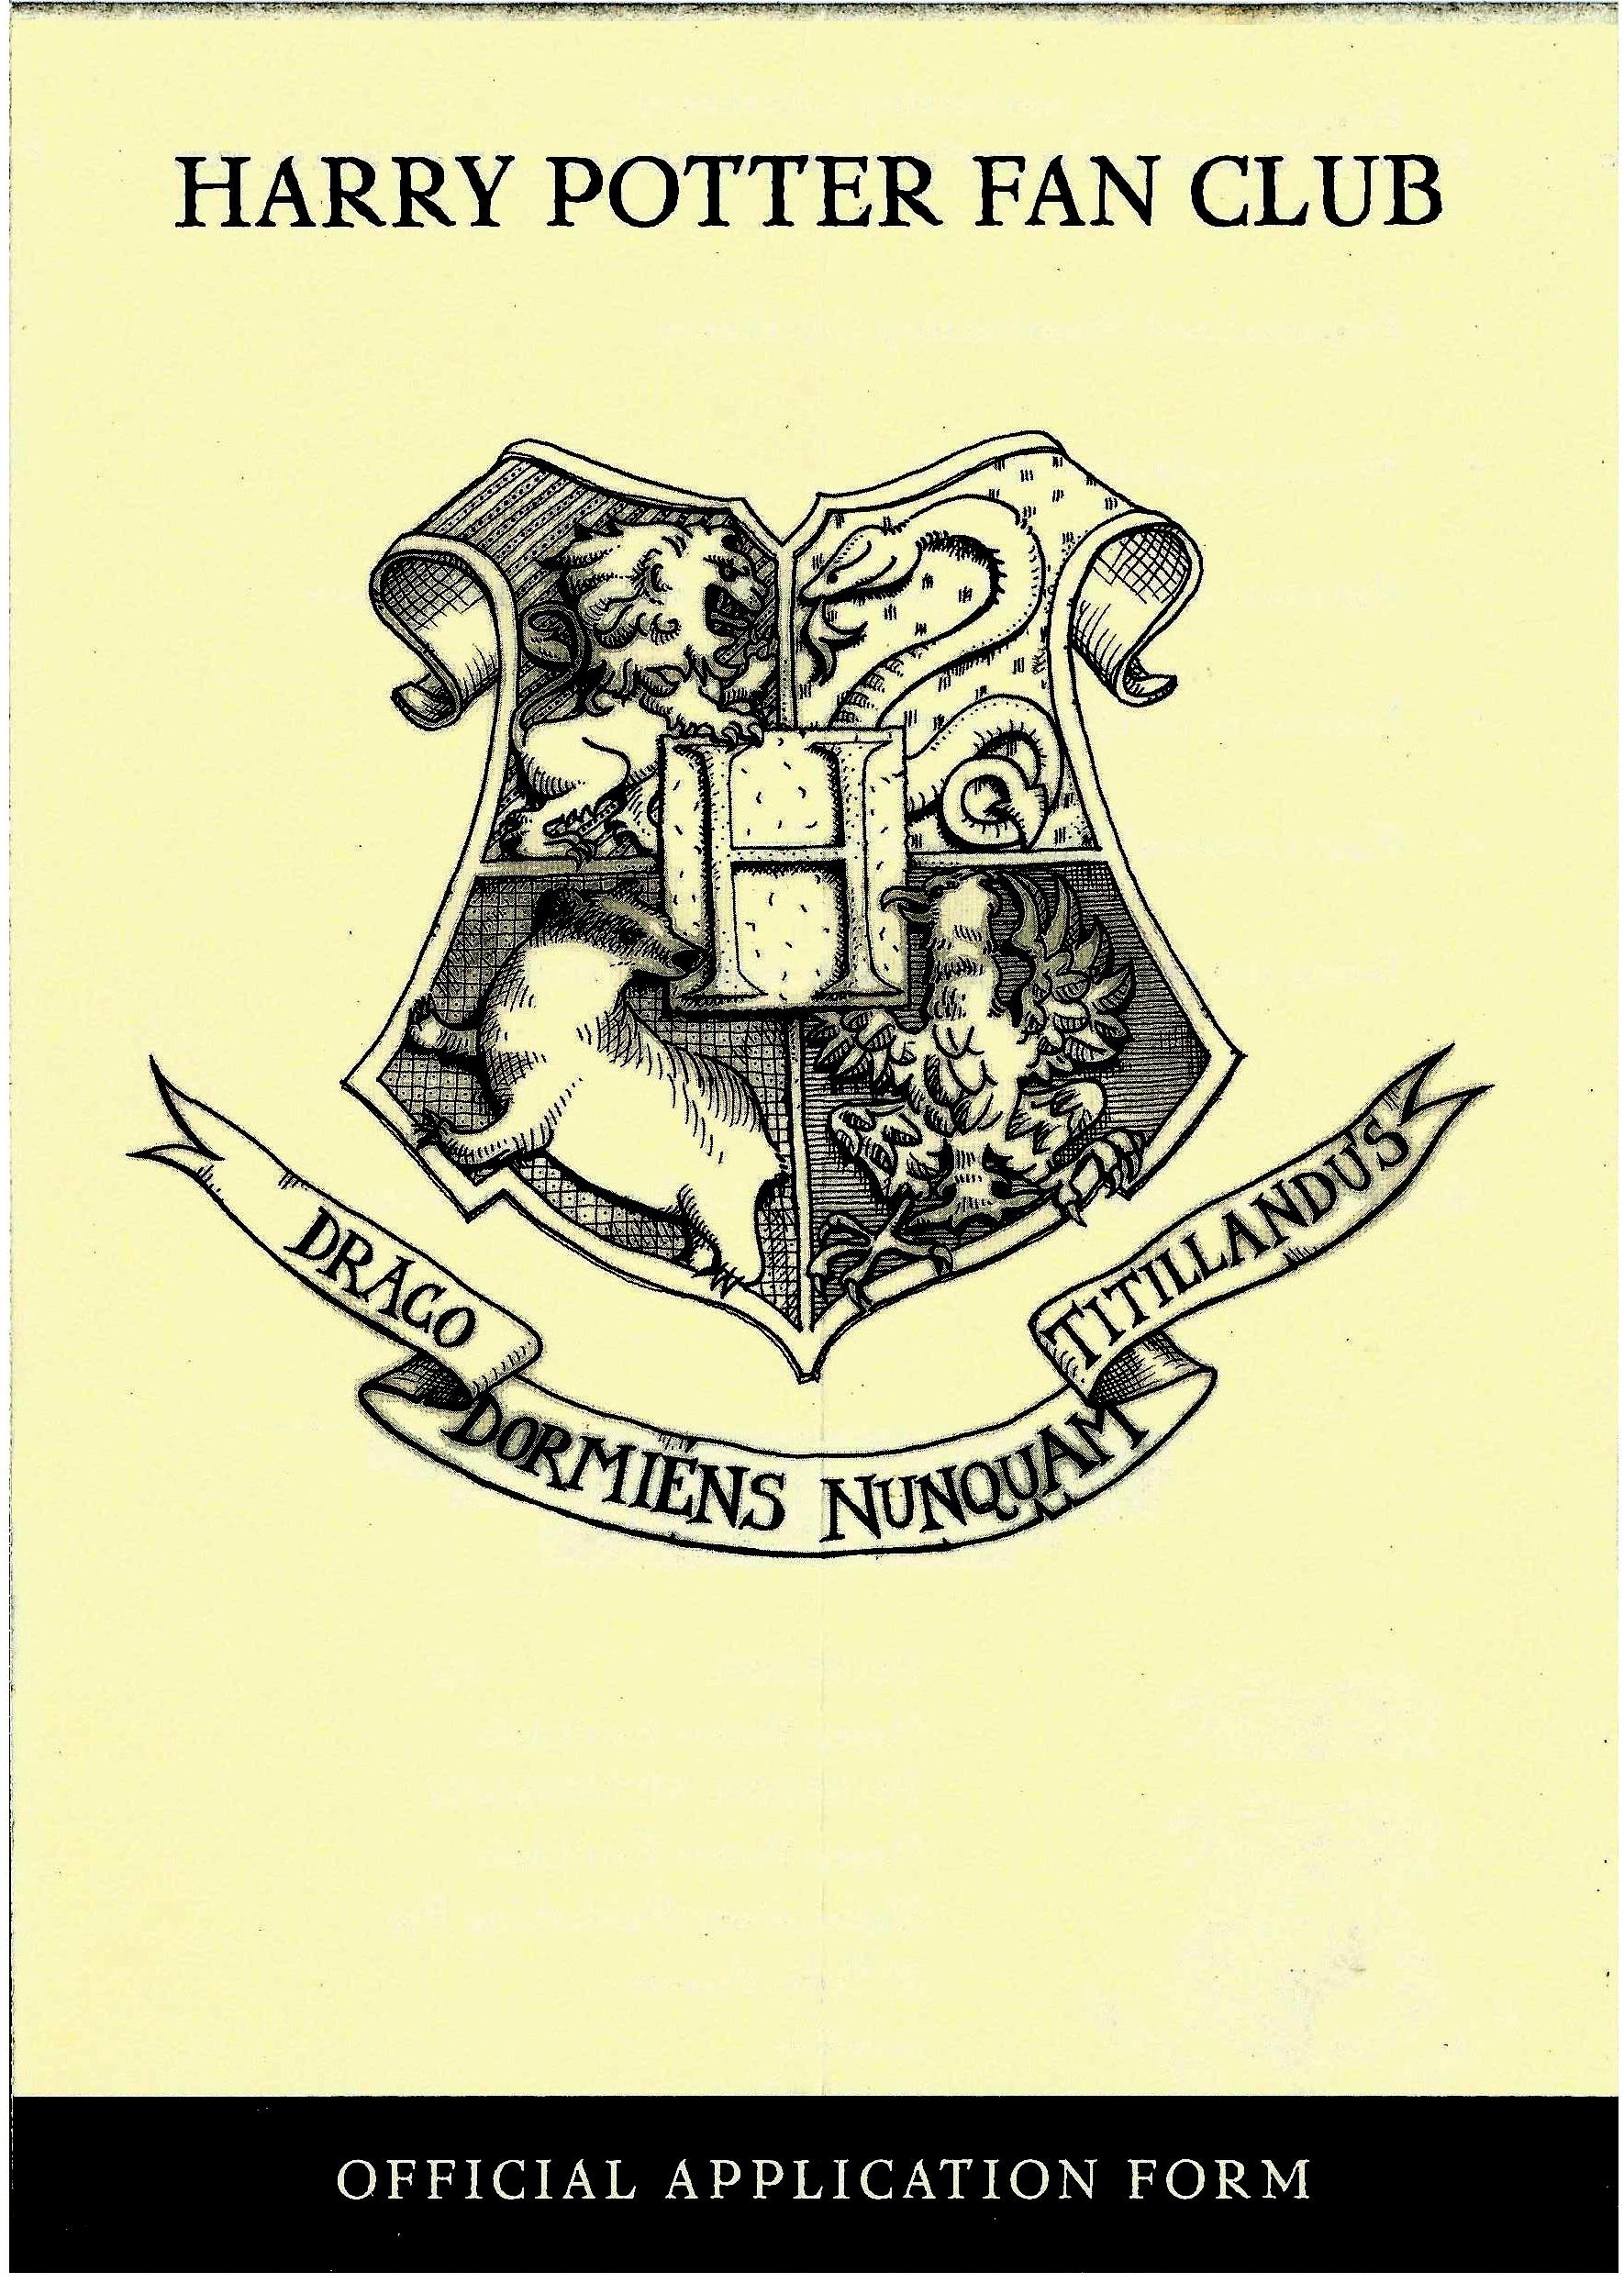 1998 Harry Potter Fan Club application form 1a